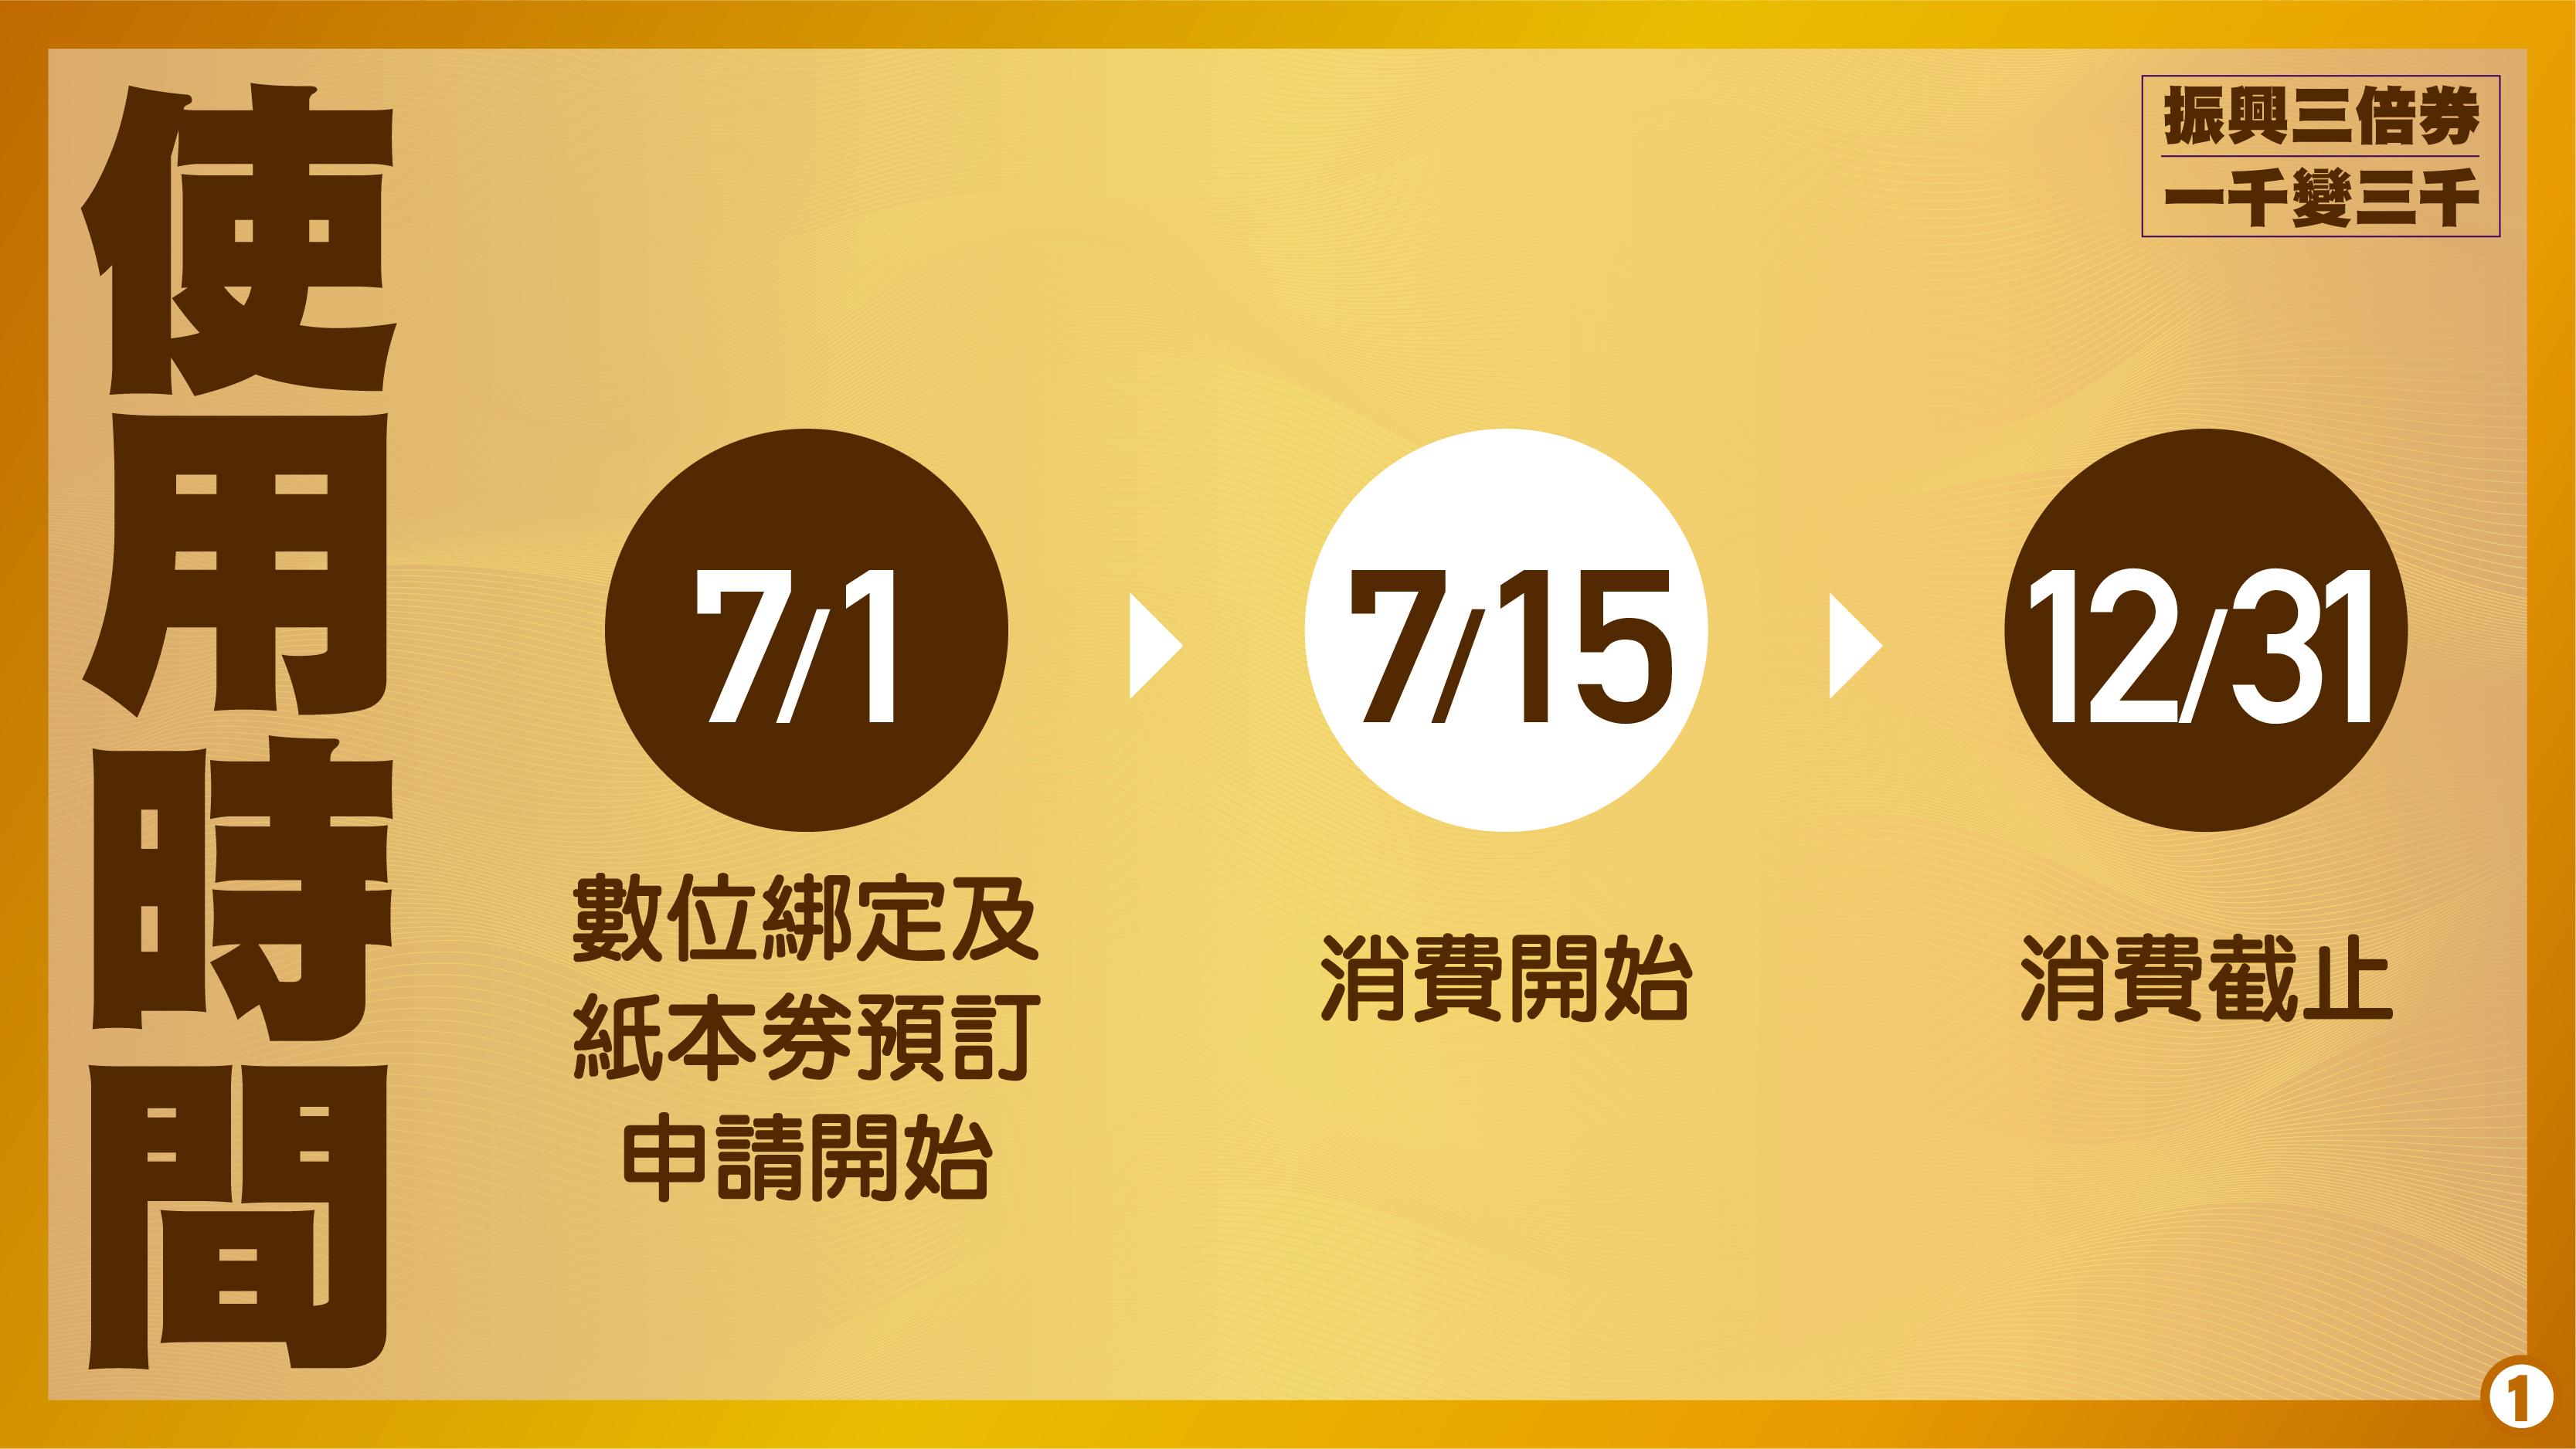 7/1起數位綁定及紙本券申請開始,7/15消費開始,12/31前需使用完畢